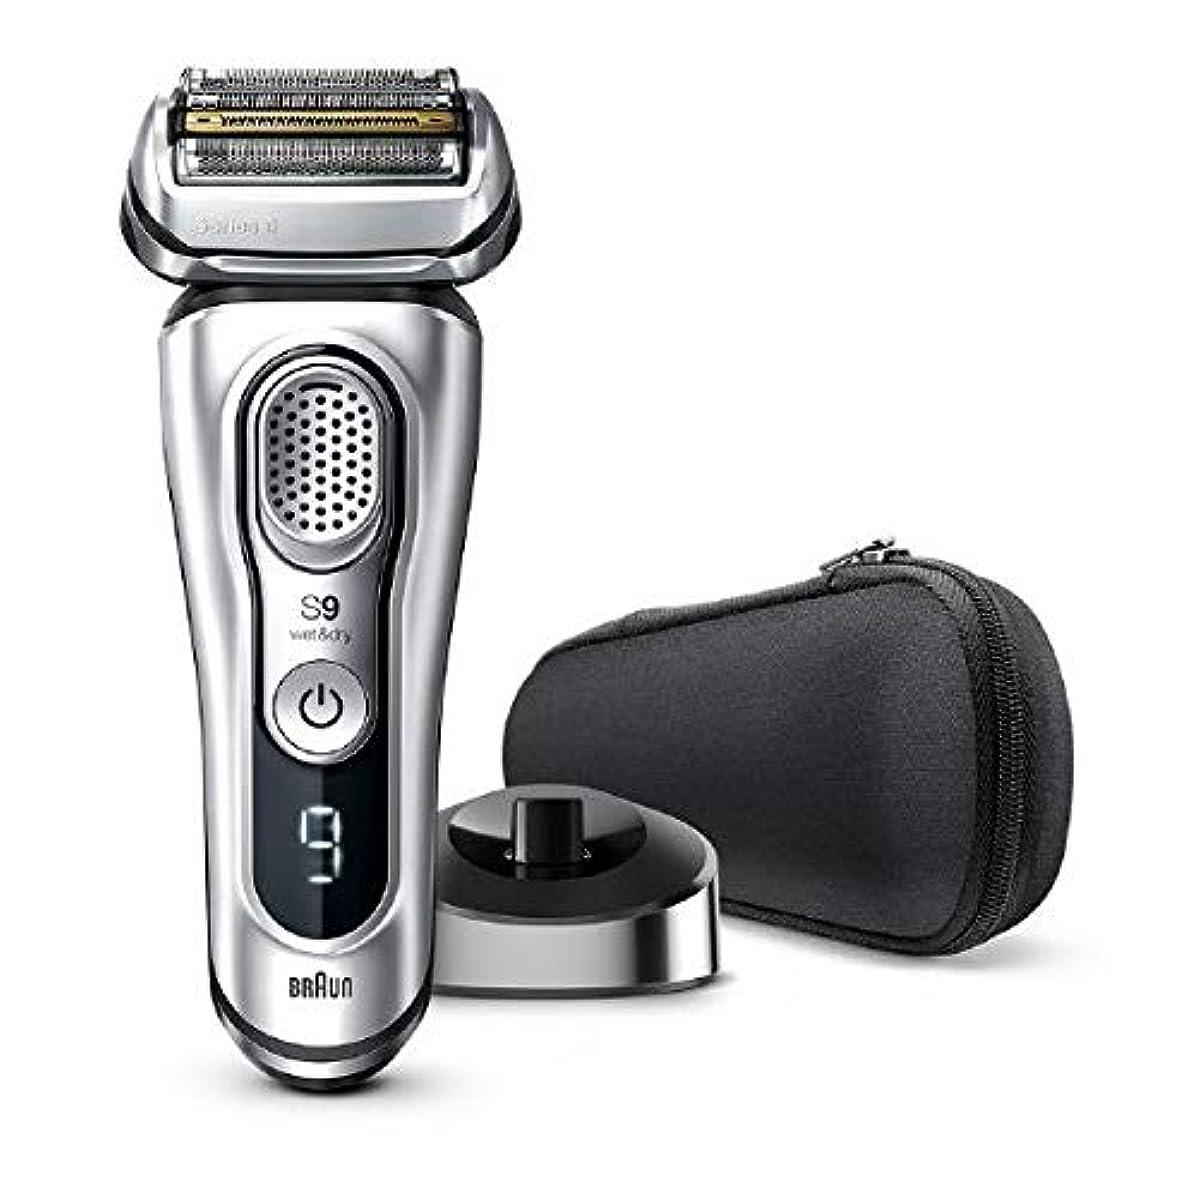 不名誉すべて懲らしめブラウン メンズ電気シェーバー シリーズ9 5カットシステム 水洗い/お風呂剃り可 9345s